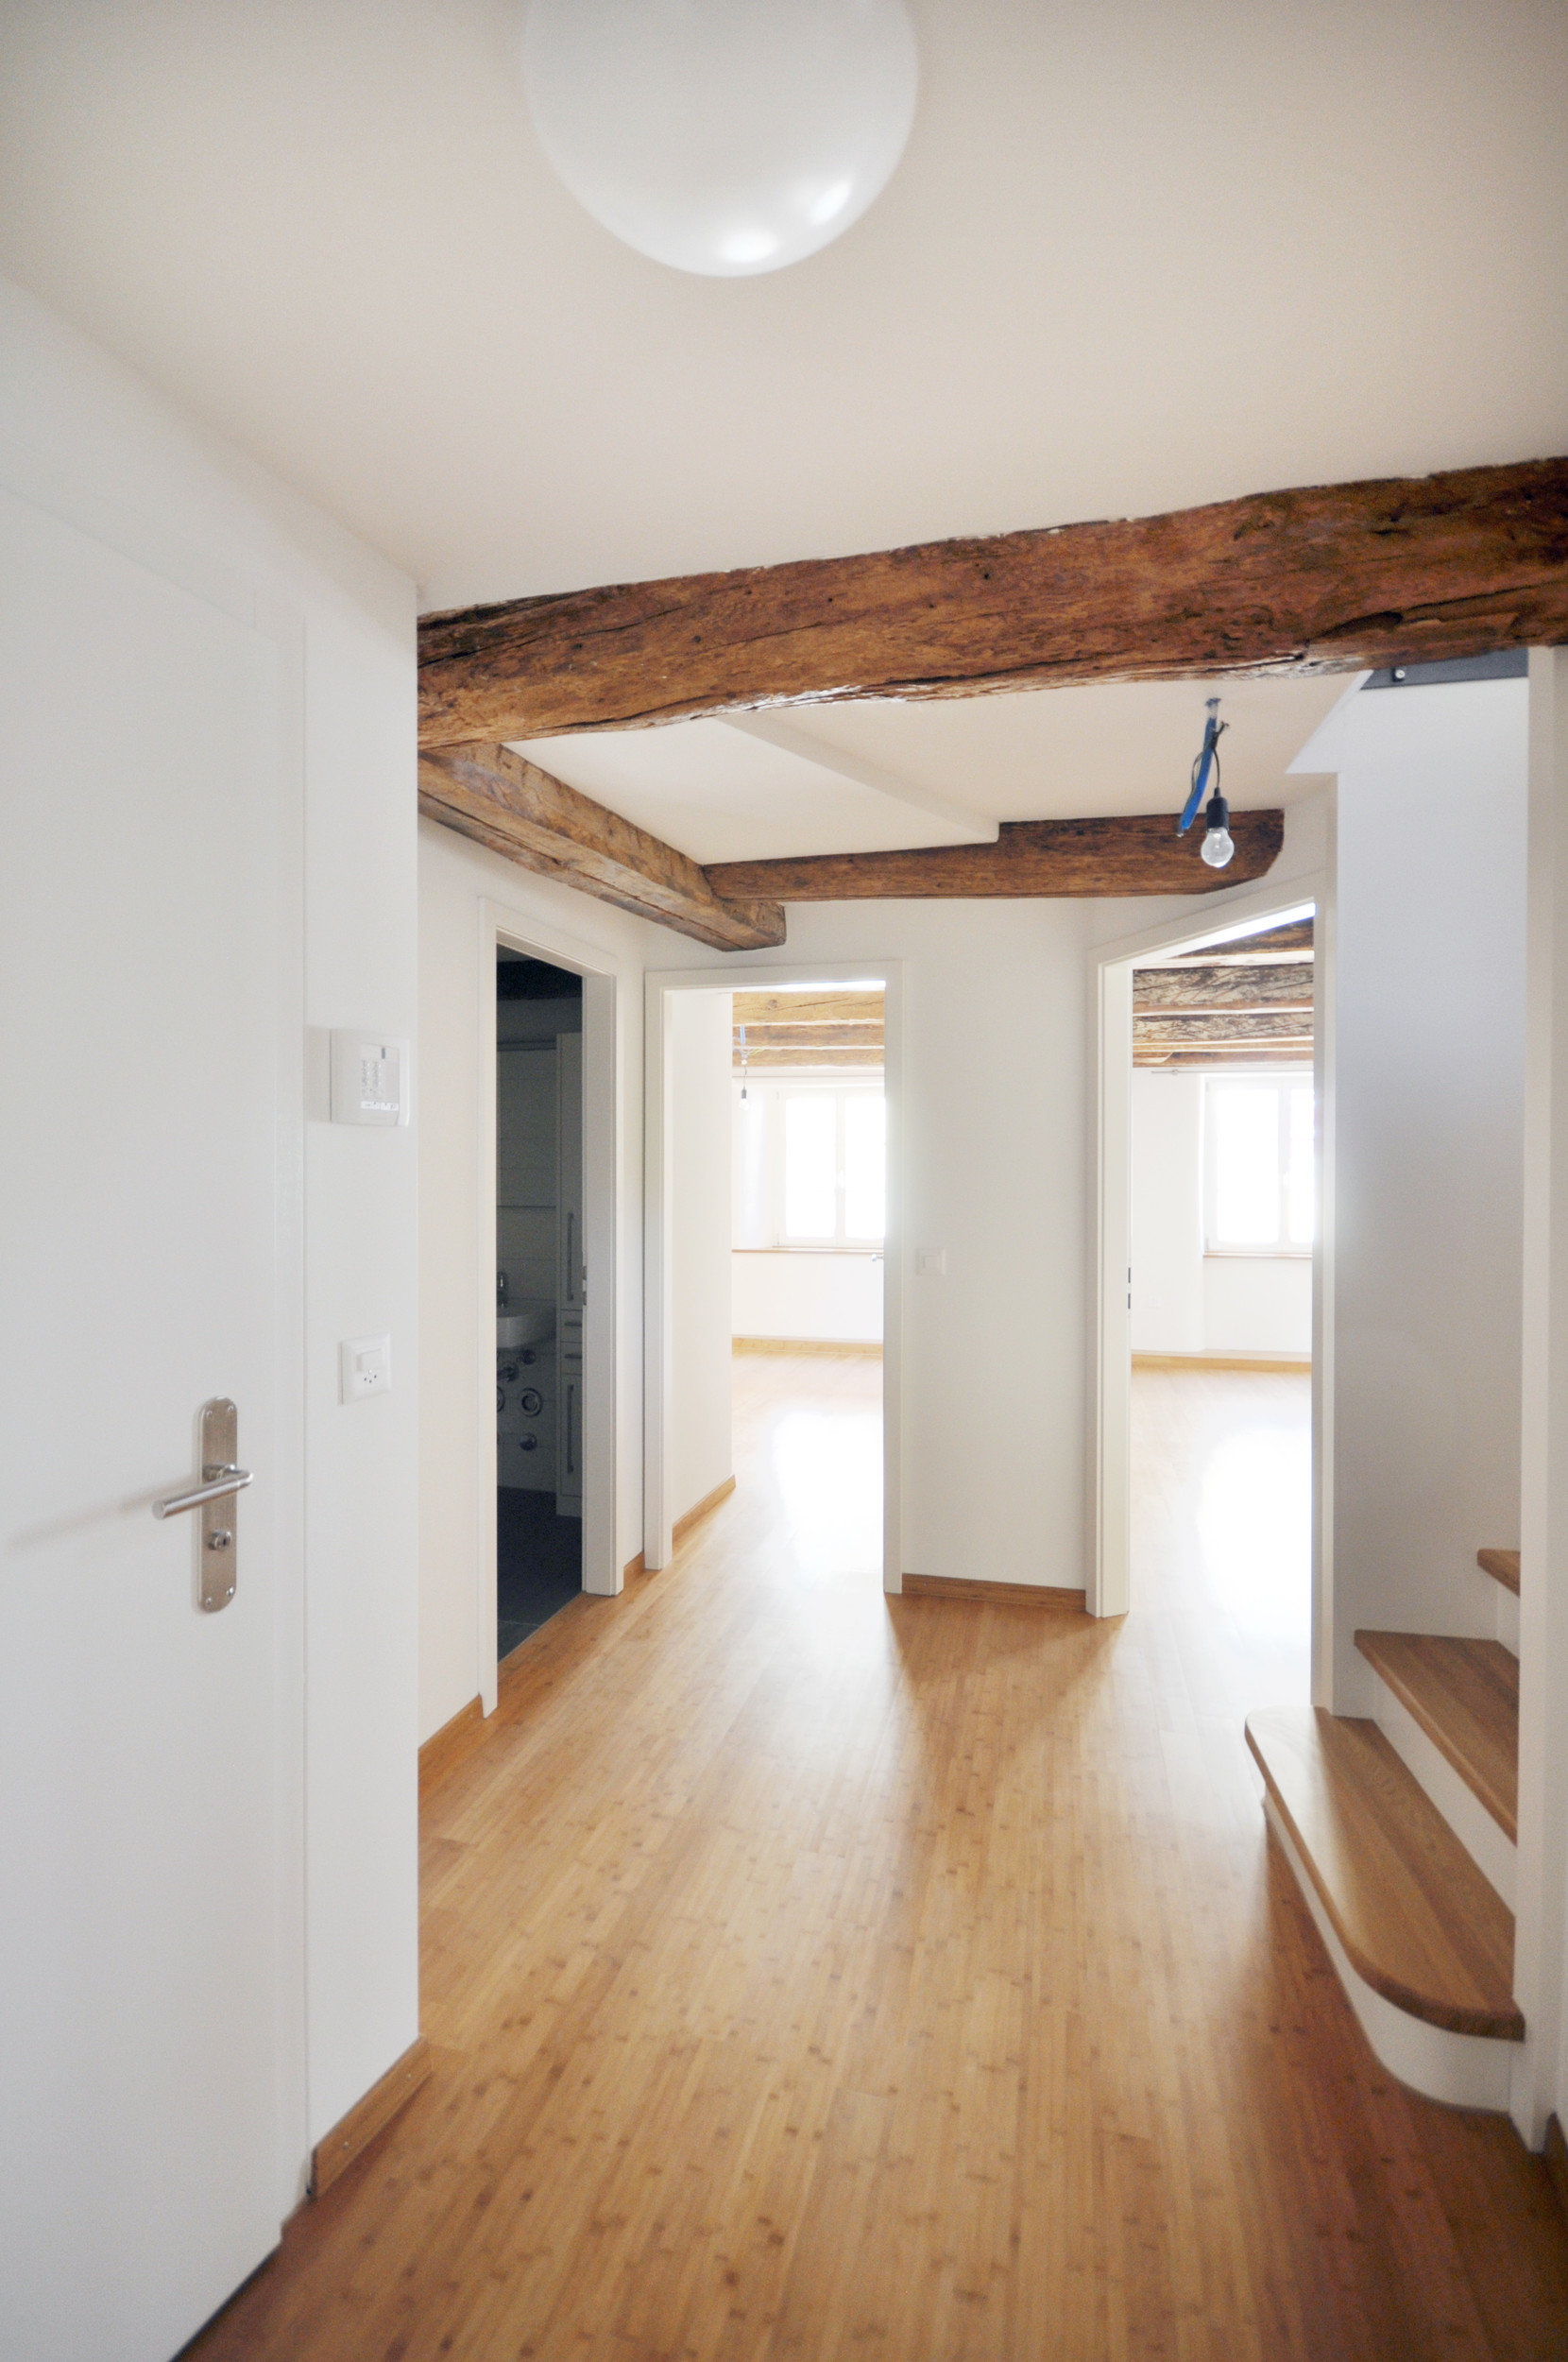 Renovierter Flur mit Holzdielenboden und Sicht auf zwei lichtspendende Fenster